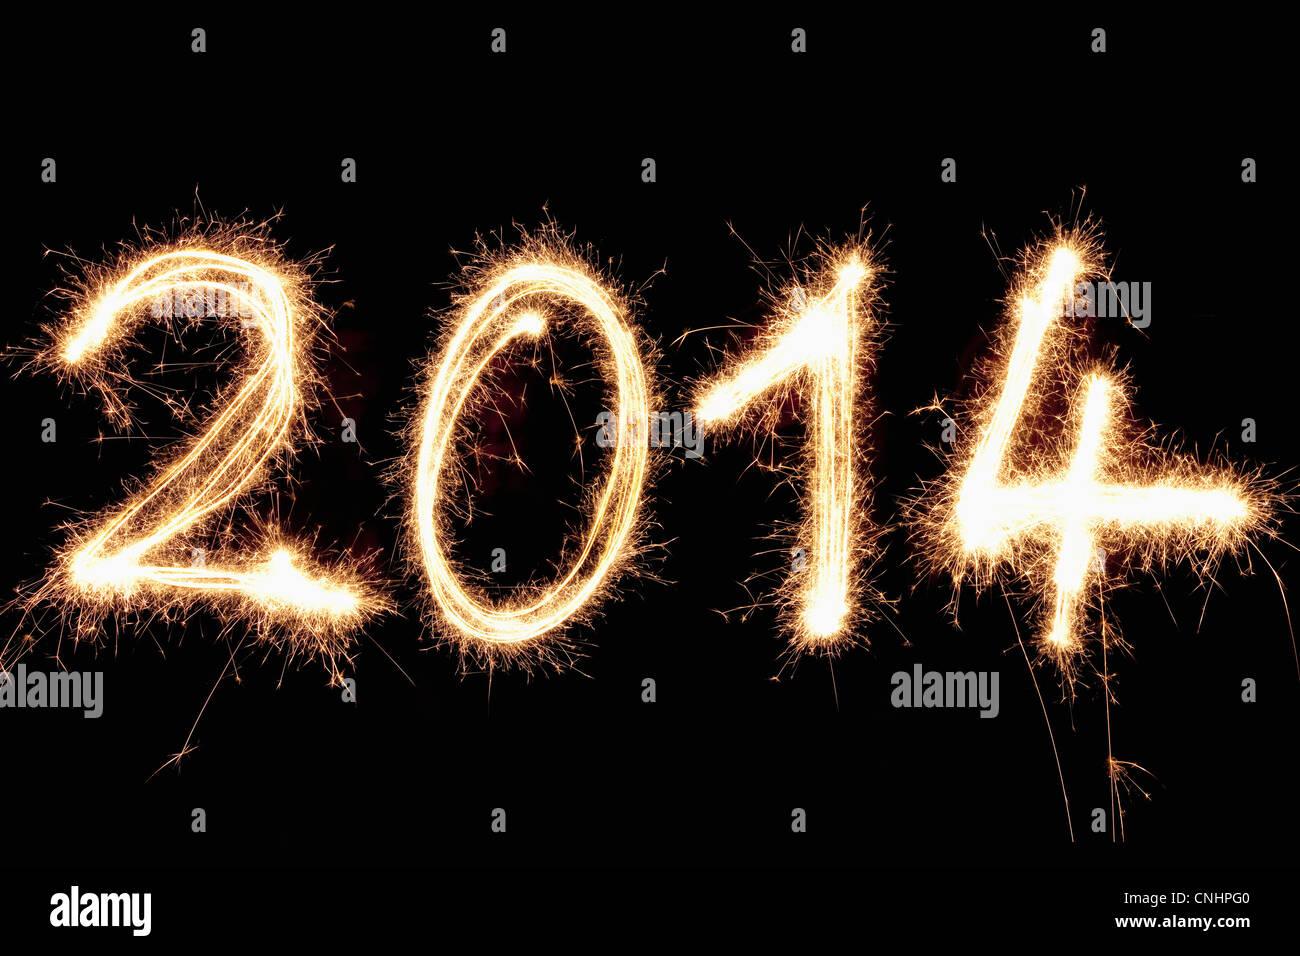 Una pittura di luce dell'anno 2014 scritte contro uno sfondo nero Immagini Stock